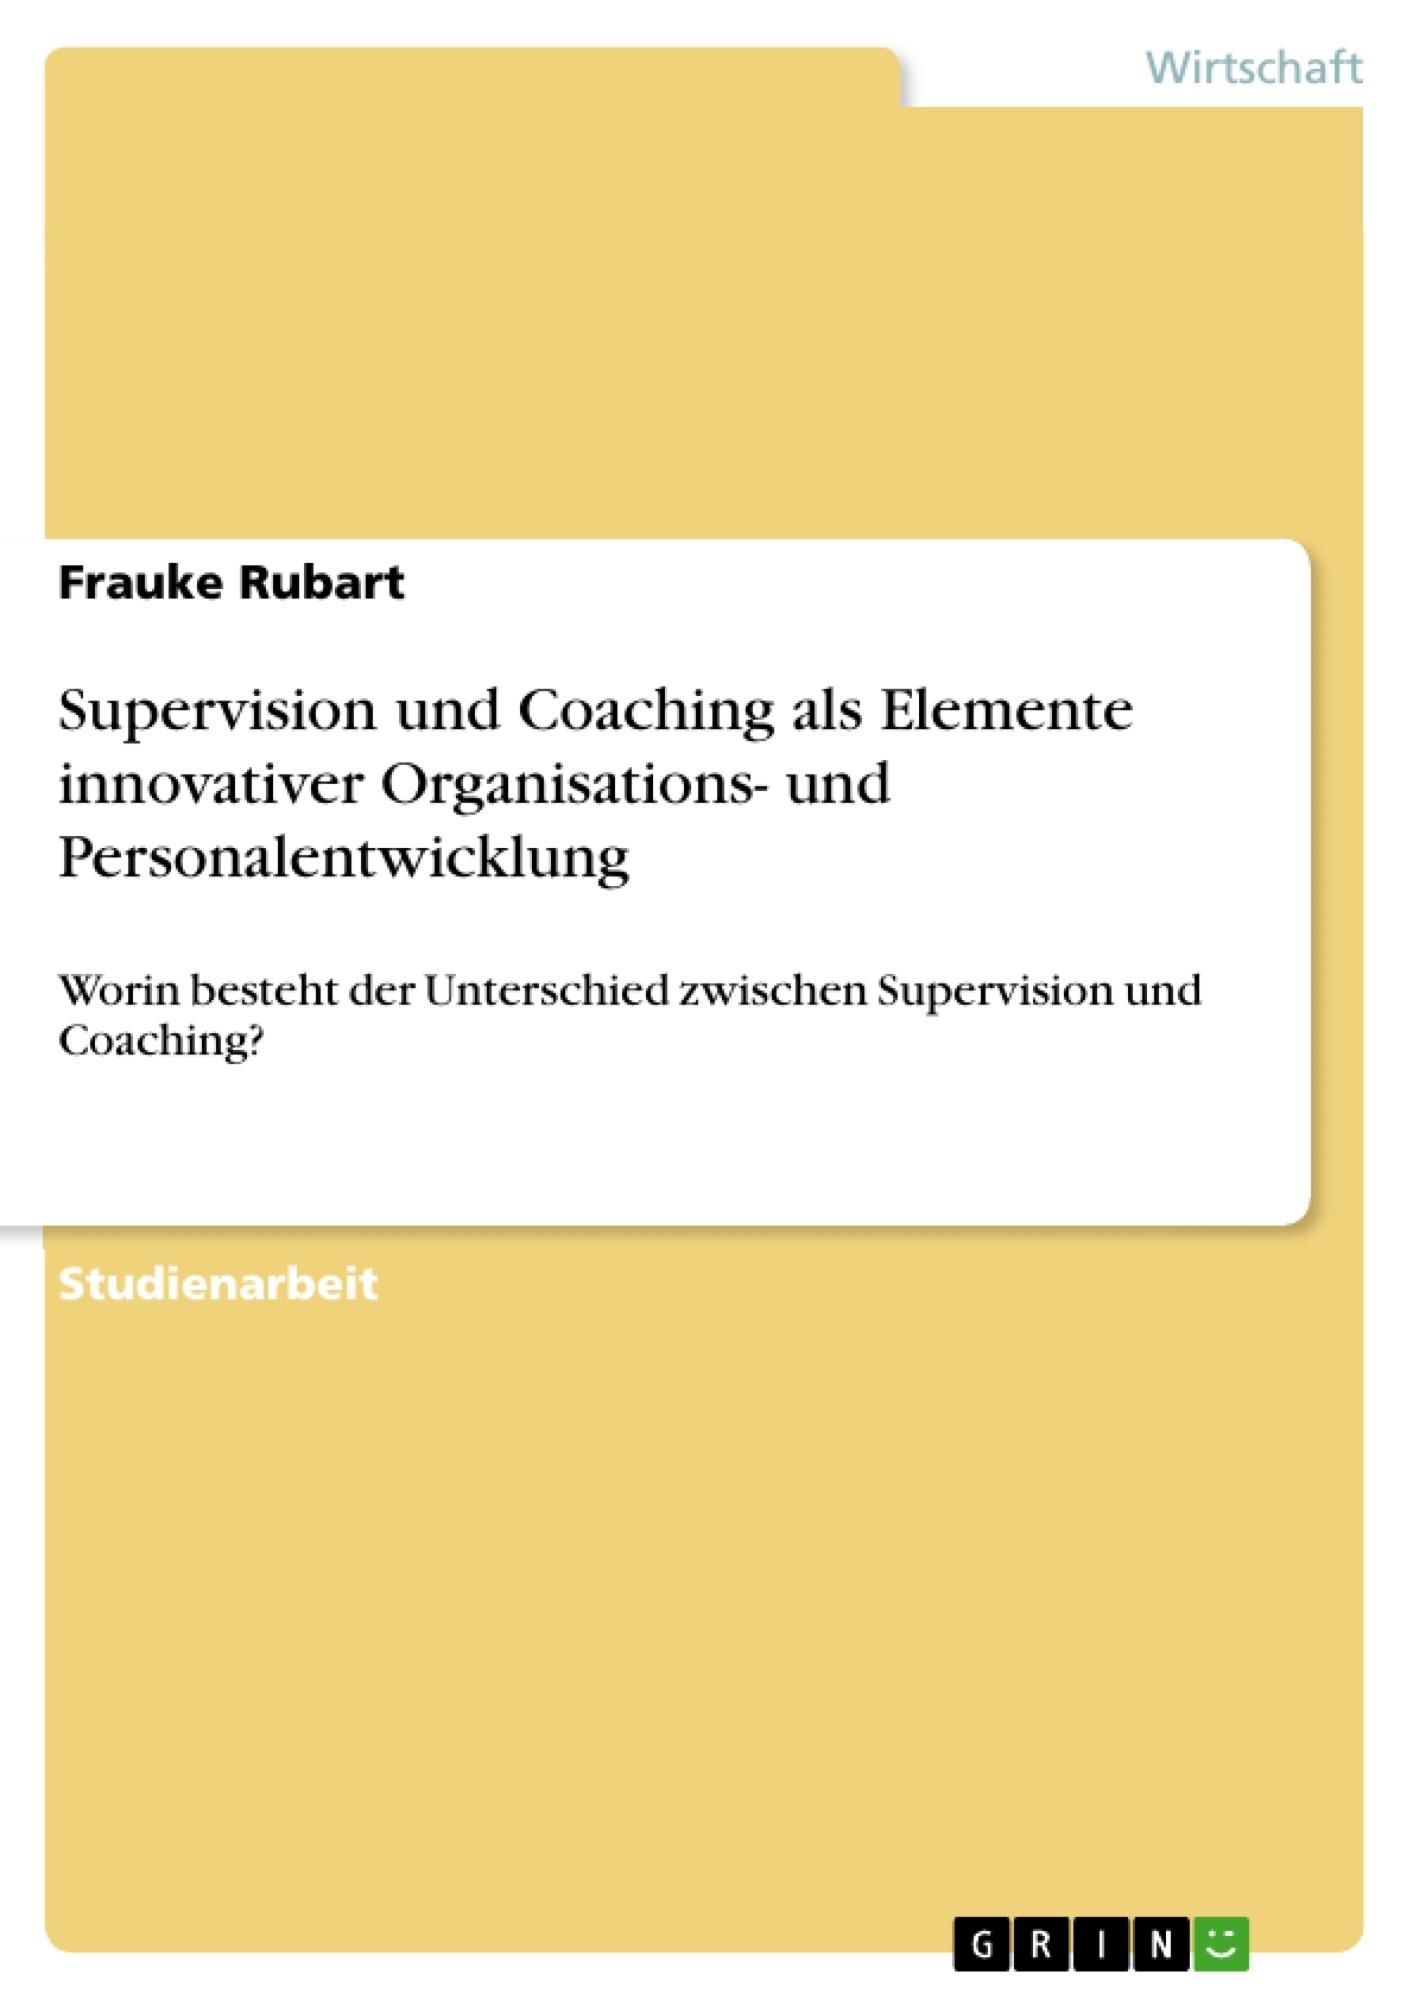 Titre: Supervision und Coaching als Elemente innovativer Organisations- und Personalentwicklung